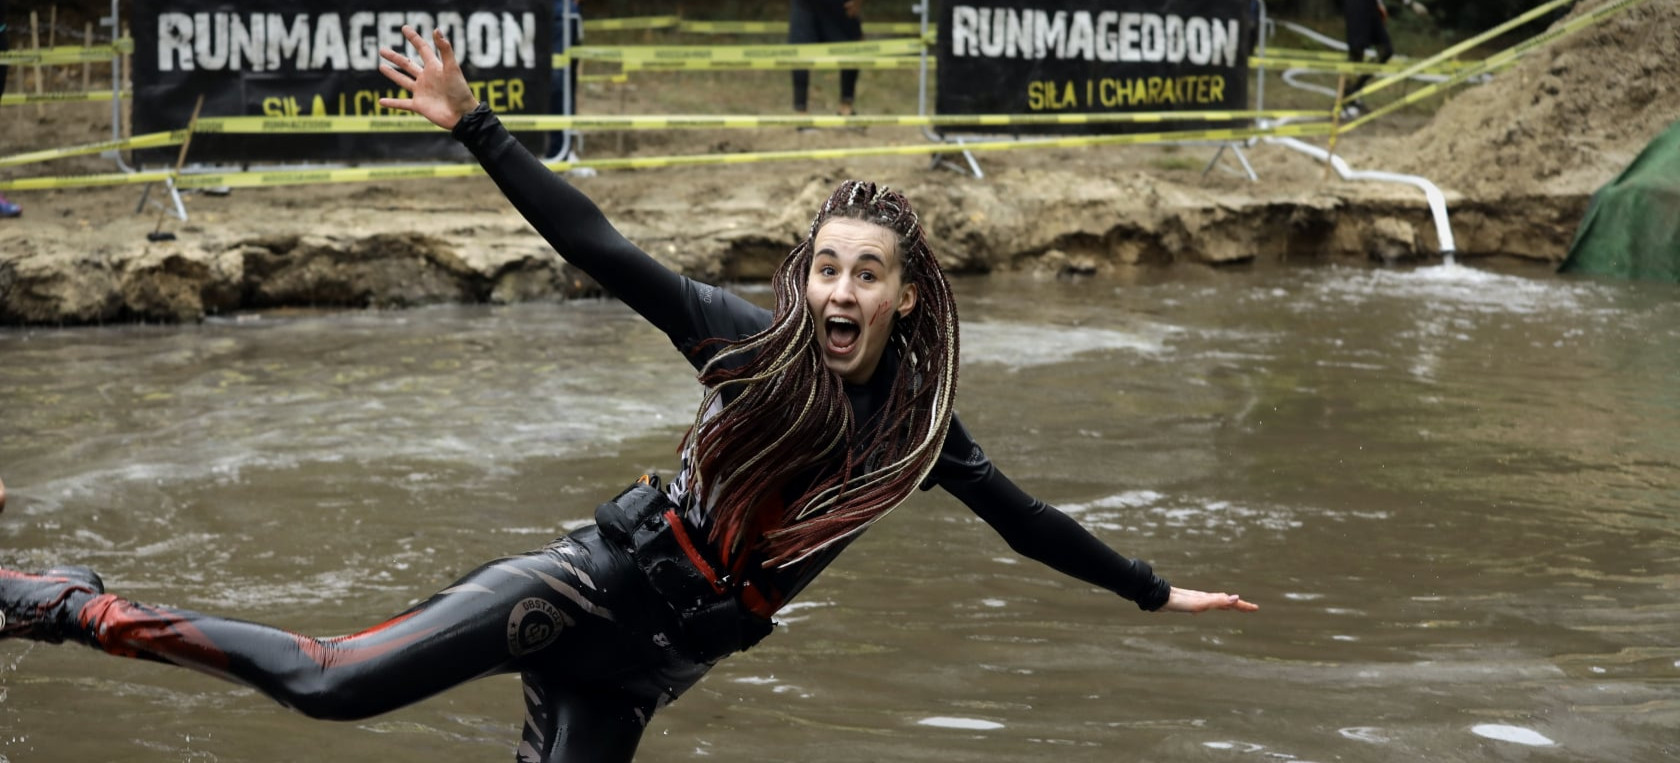 Runmageddon LESKO Brama Bieszczad zakończy sezon 2021 (ZDJĘCIA)